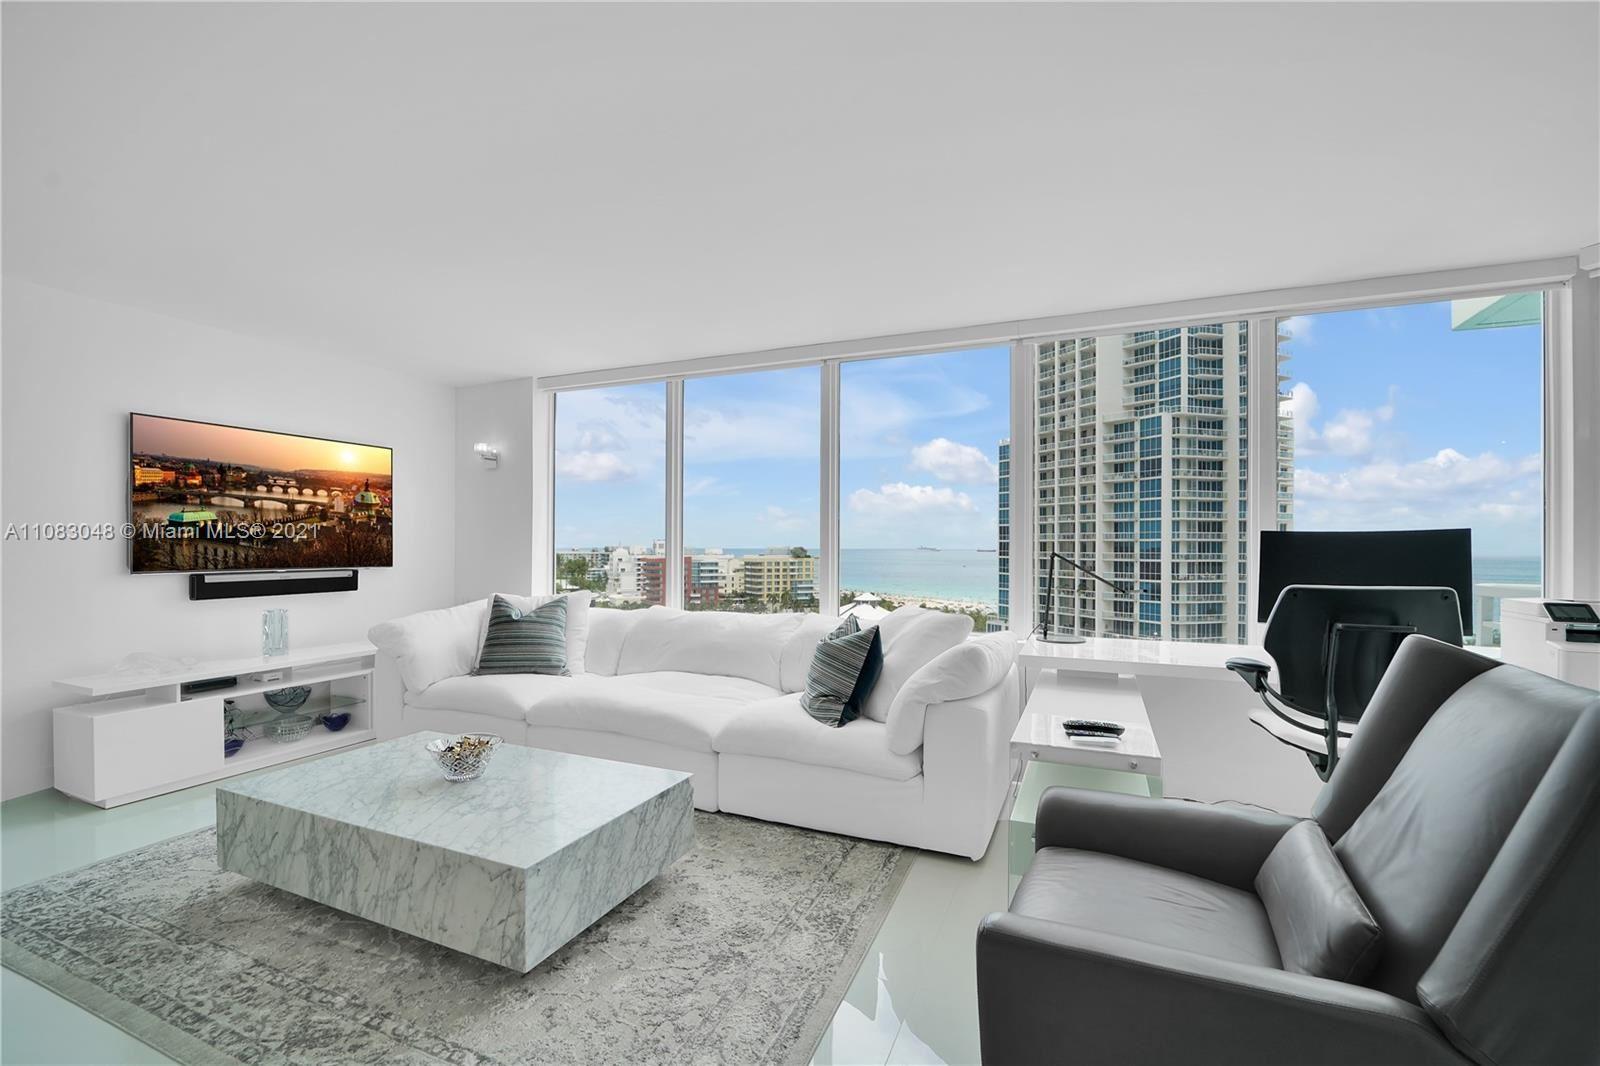 400 S Pointe Dr #1406, Miami Beach, FL 33139 - #: A11083048